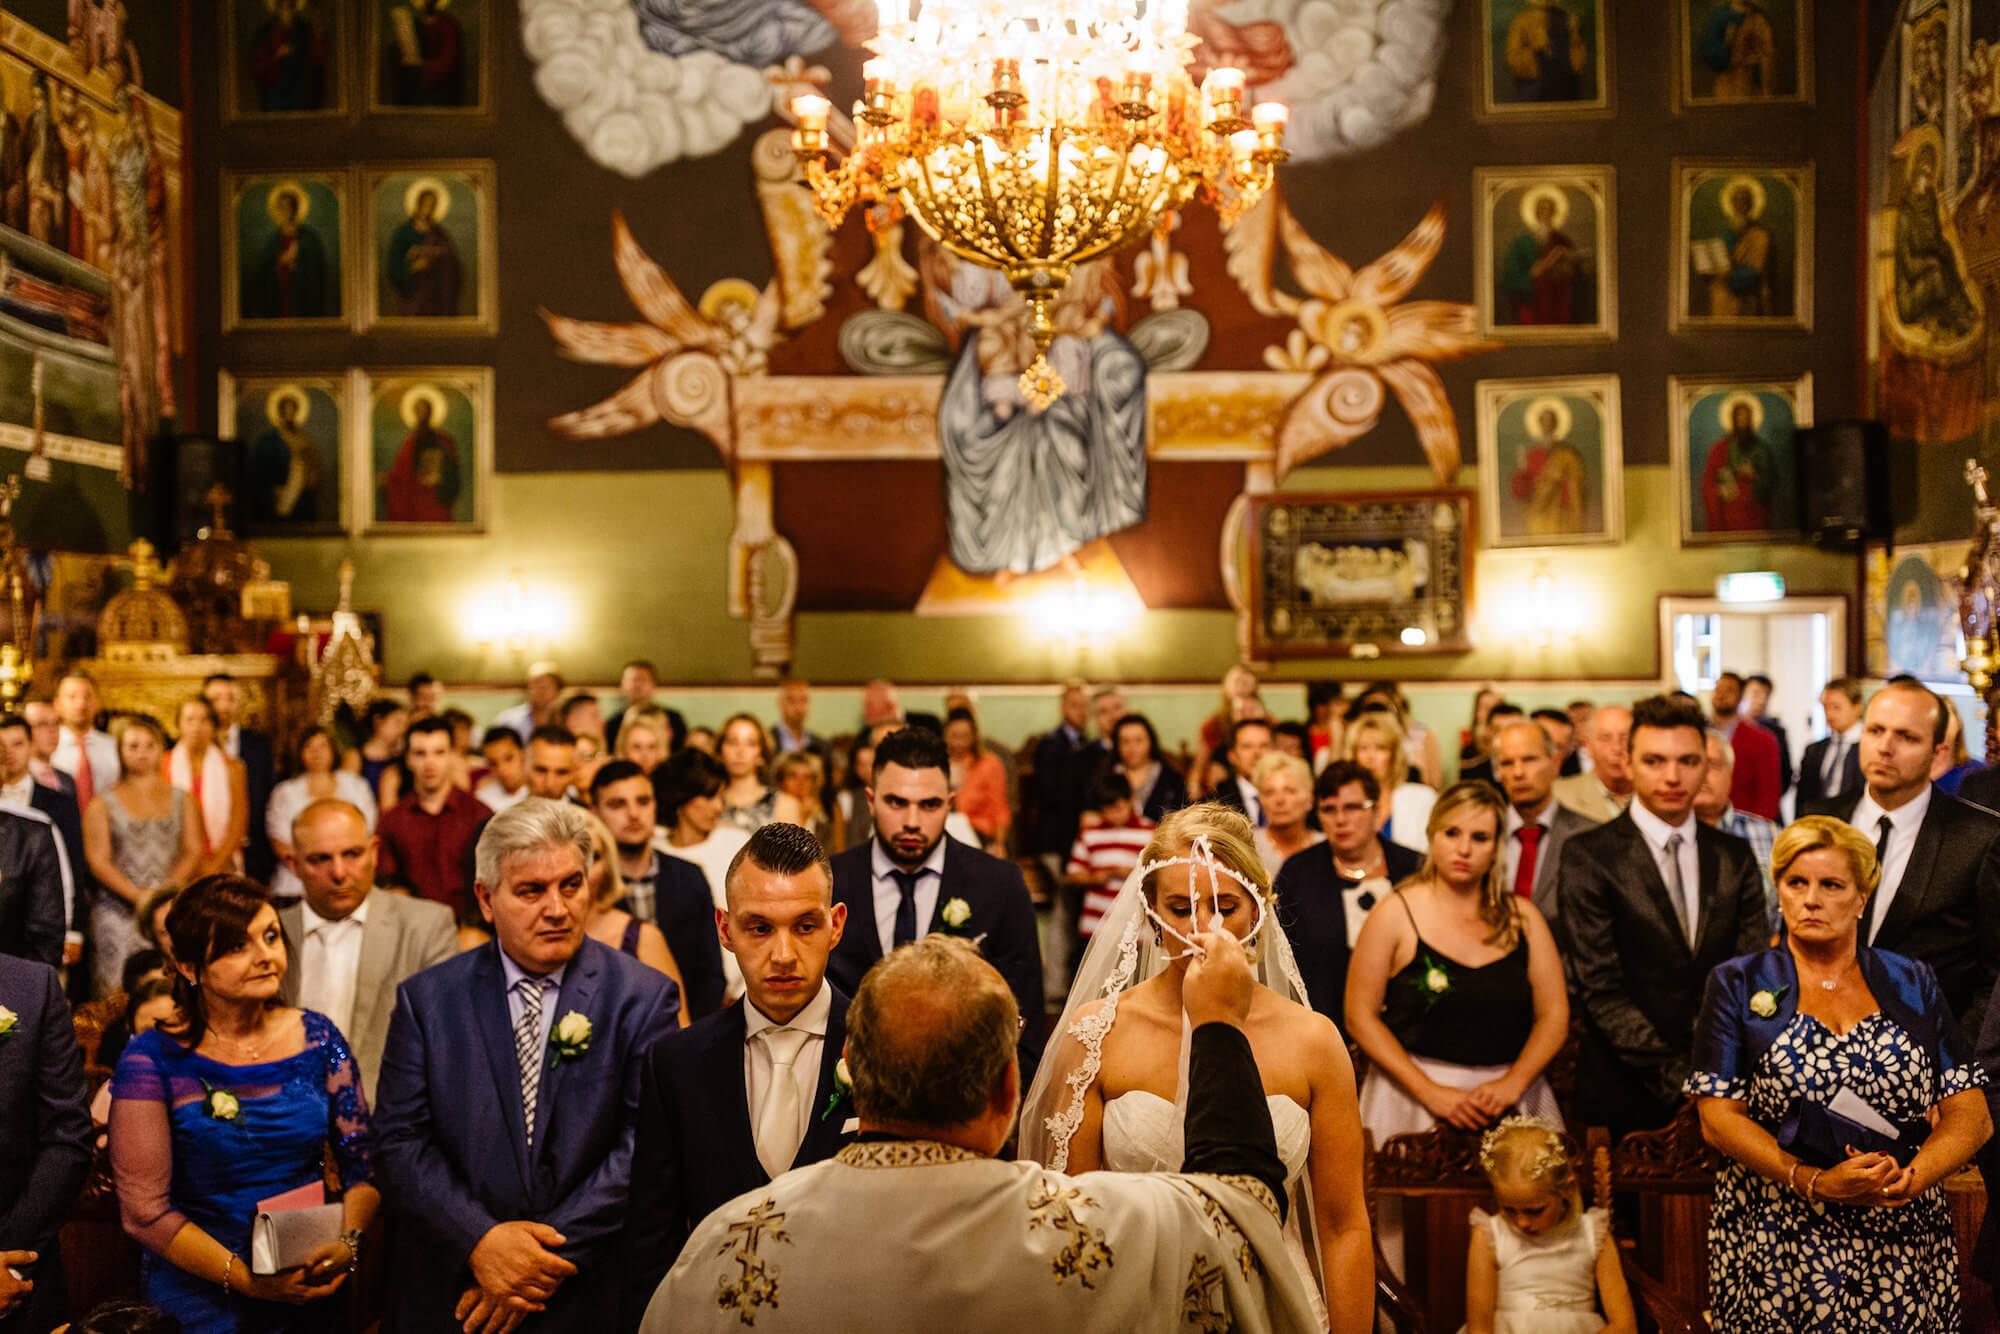 griekse-bruiloft-trouwfotograaf-utrecht-23.jpg